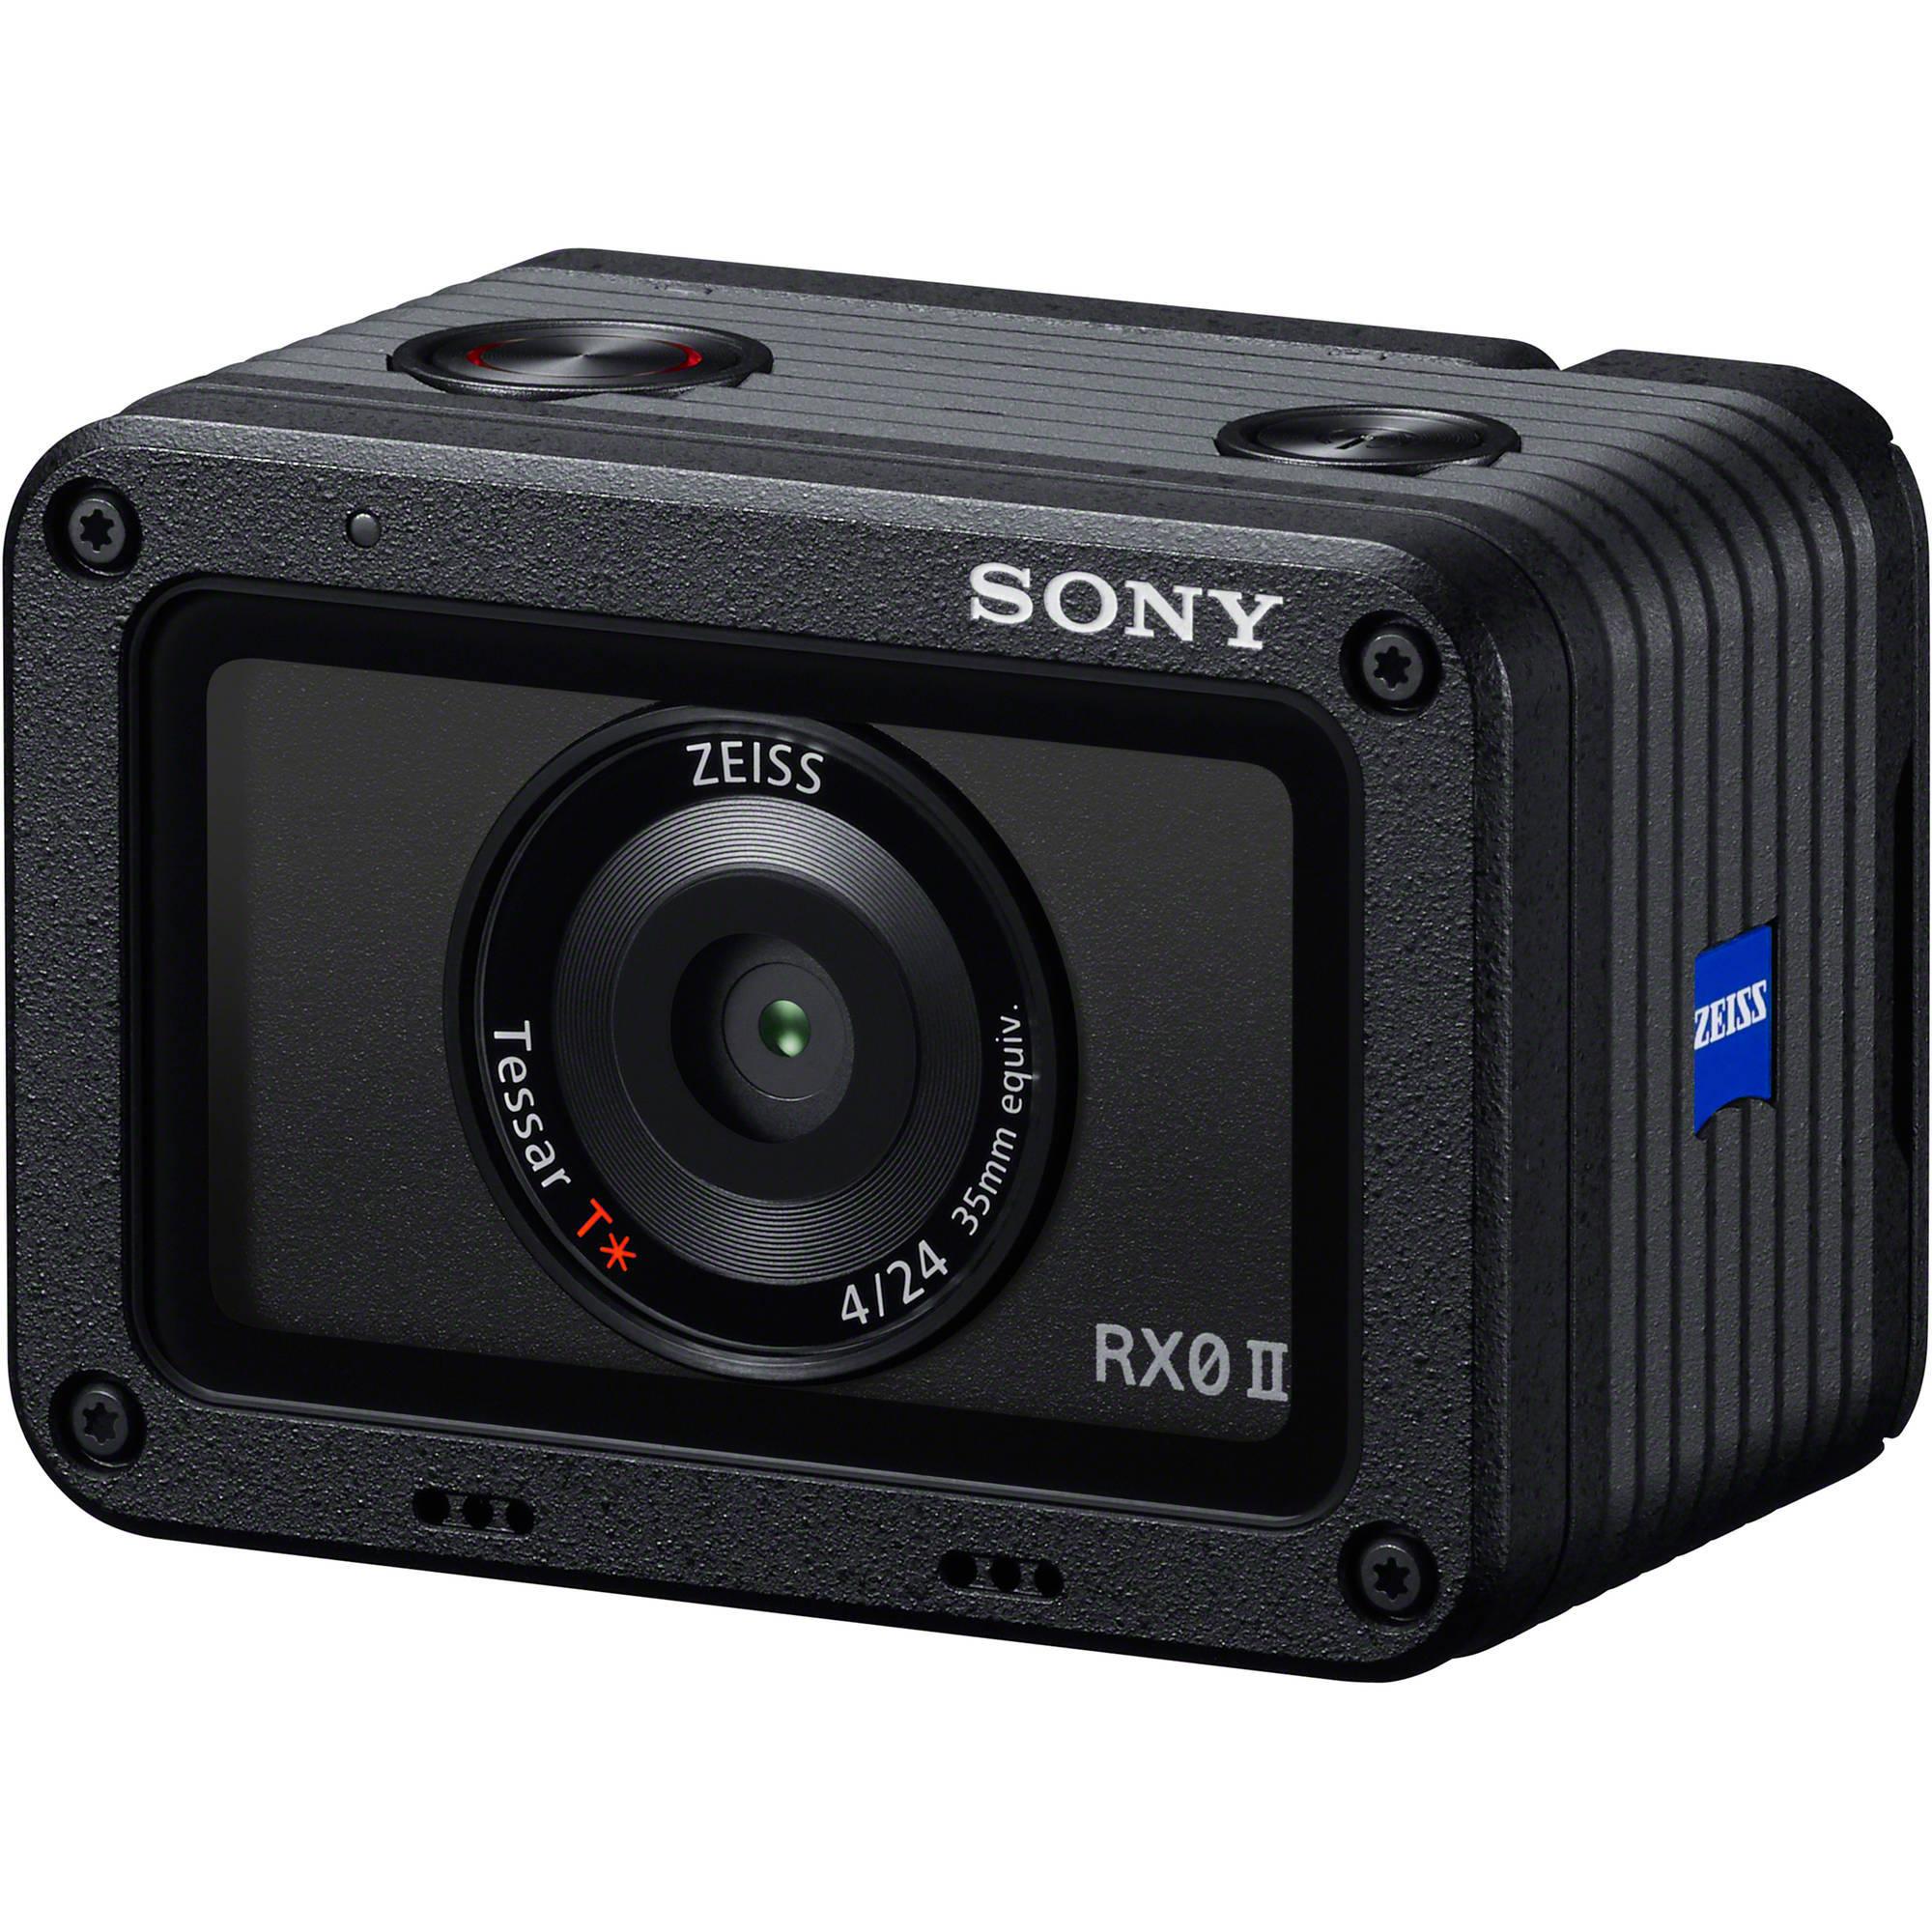 Камера Sony RX0 II в комплекте с пультом ДУ и площадкой под микрофон